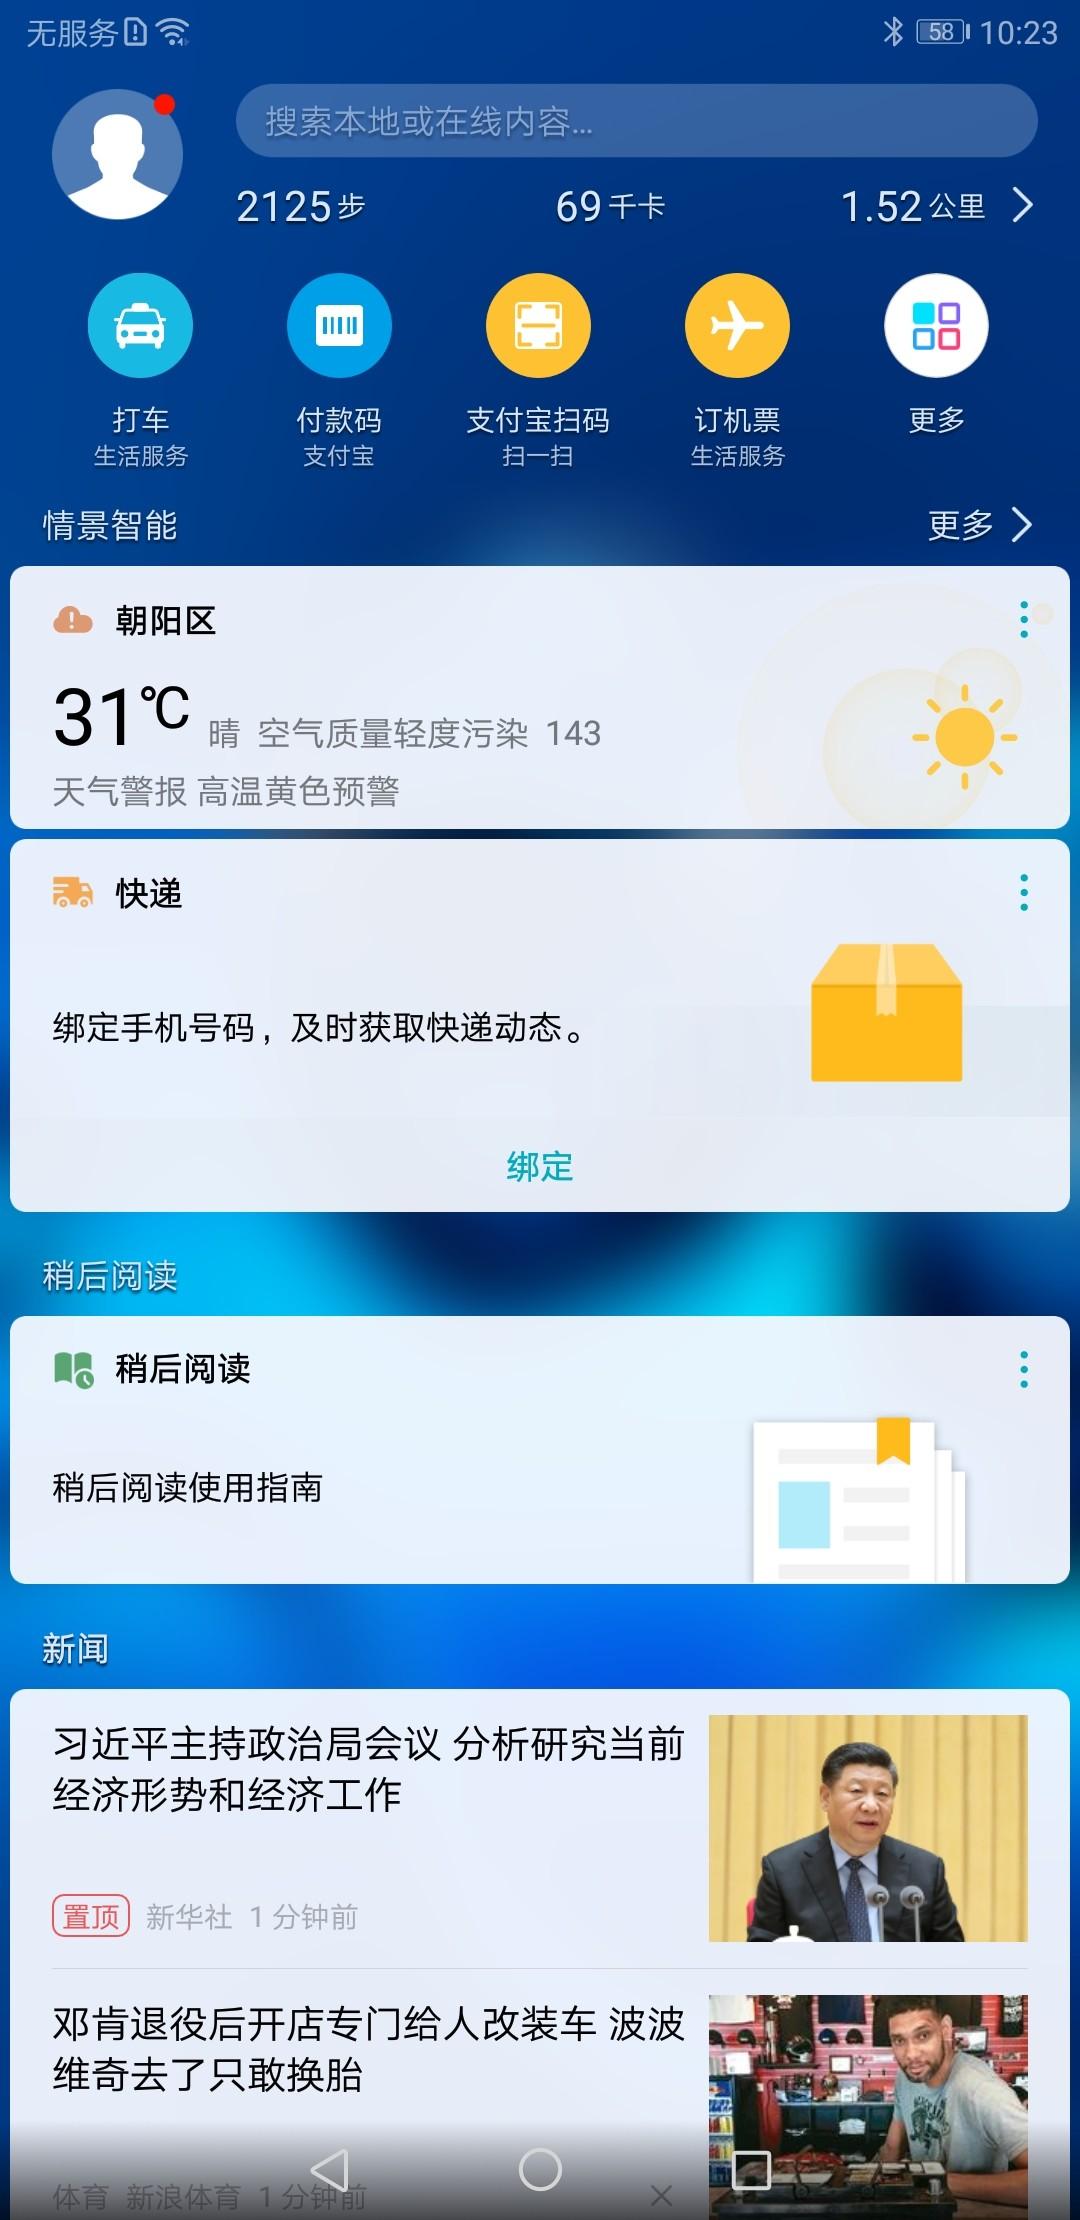 荣耀Note10(8+128GB)手机功能界面第4张